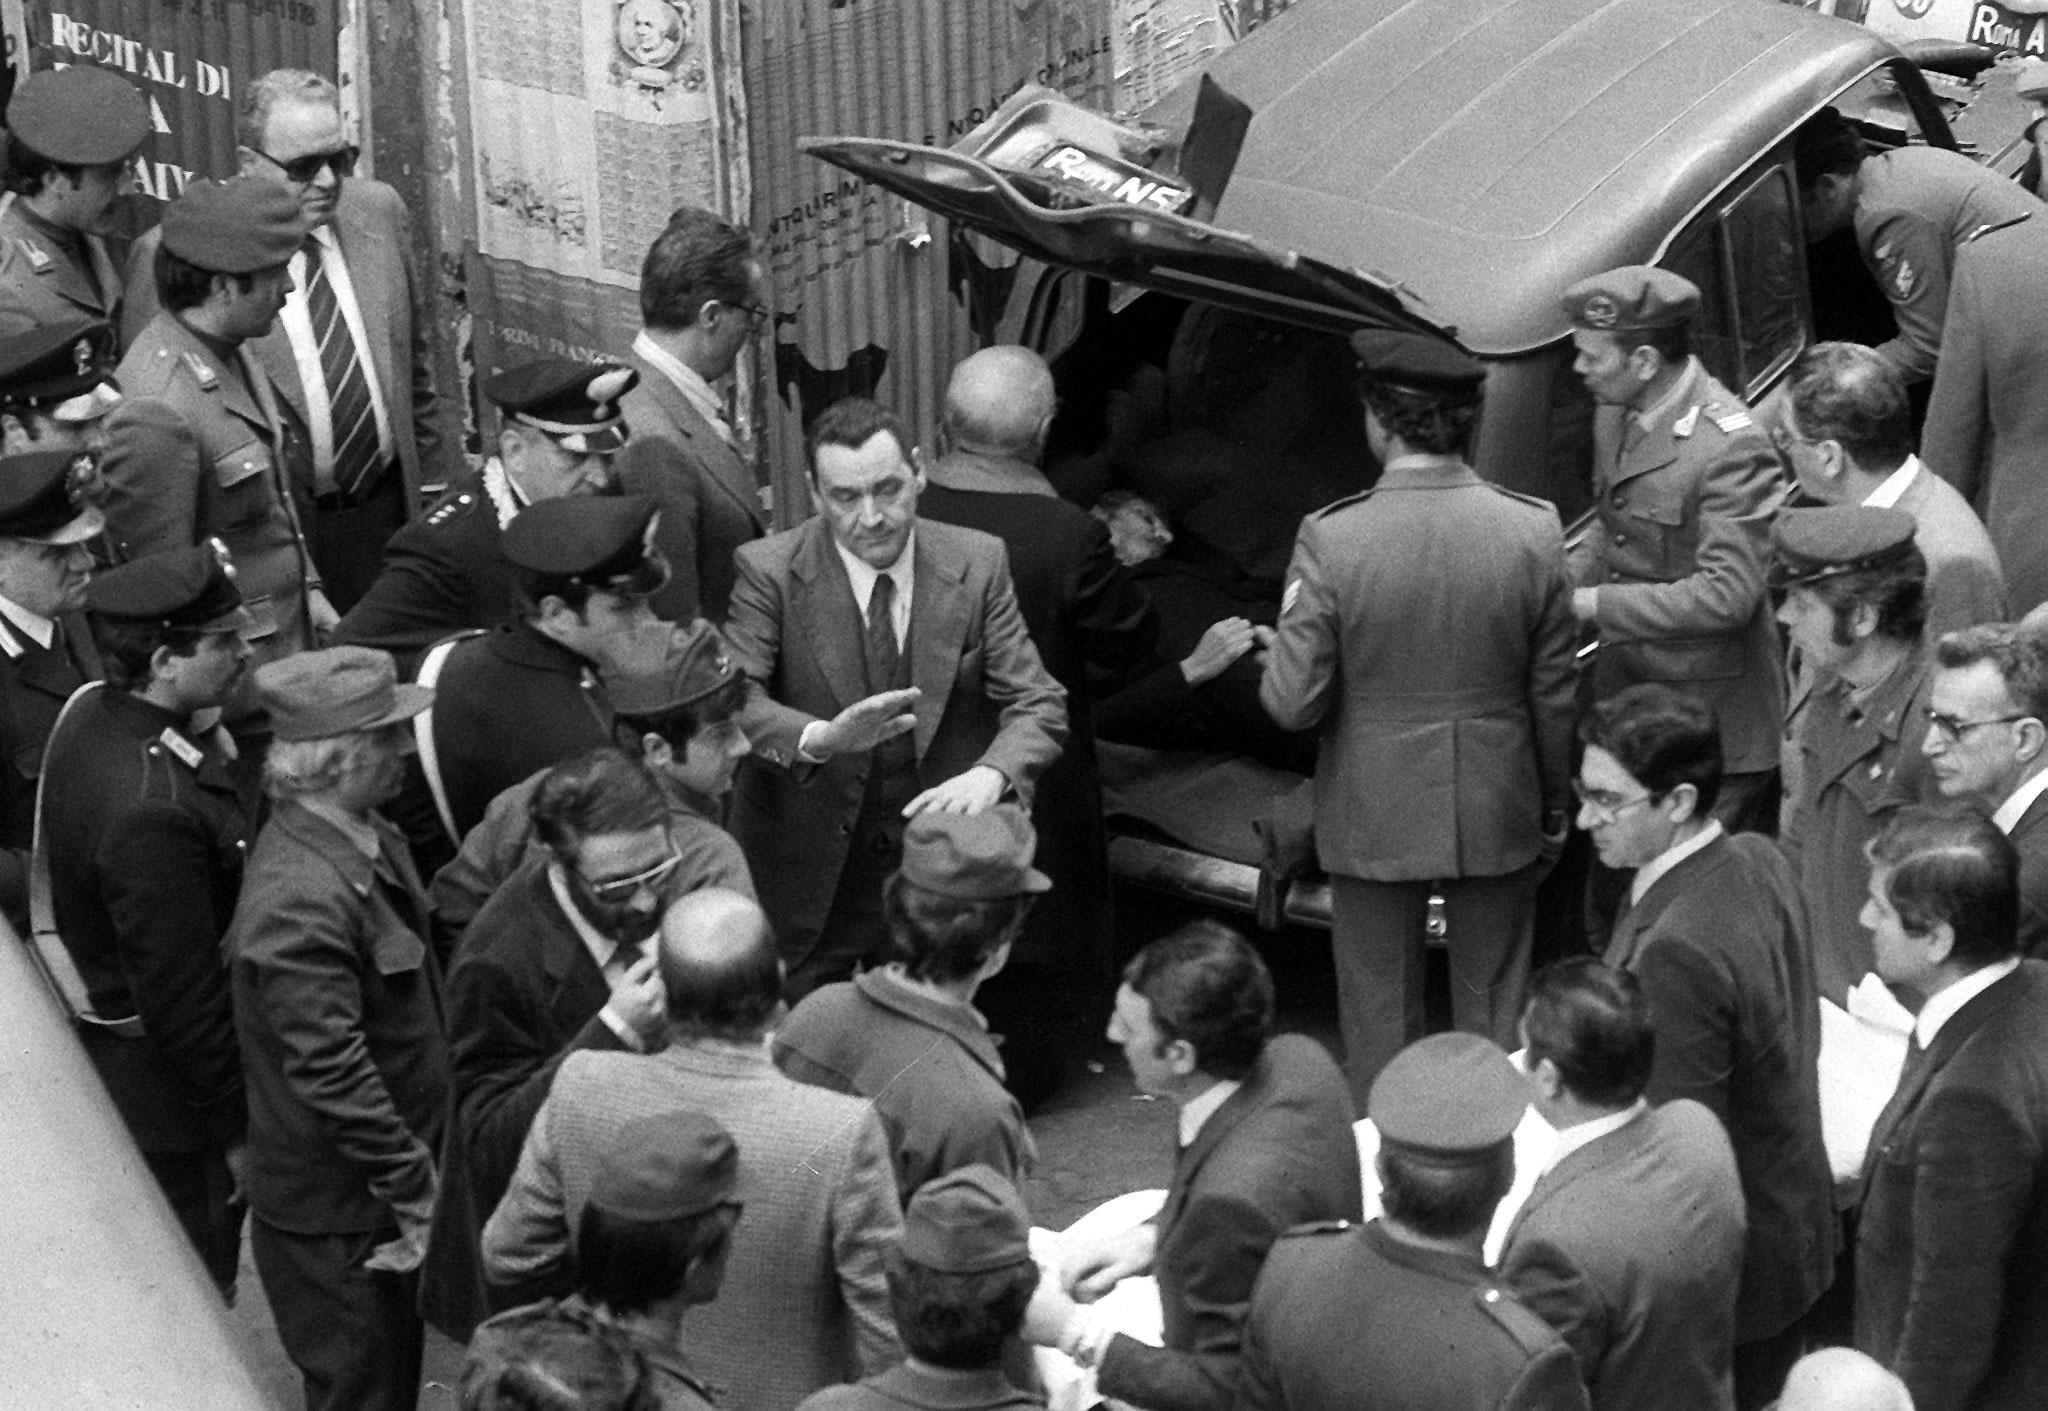 2_Il cadavere di Aldo Moro ritrovato in via Caetani a Roma, 9 maggio 1978